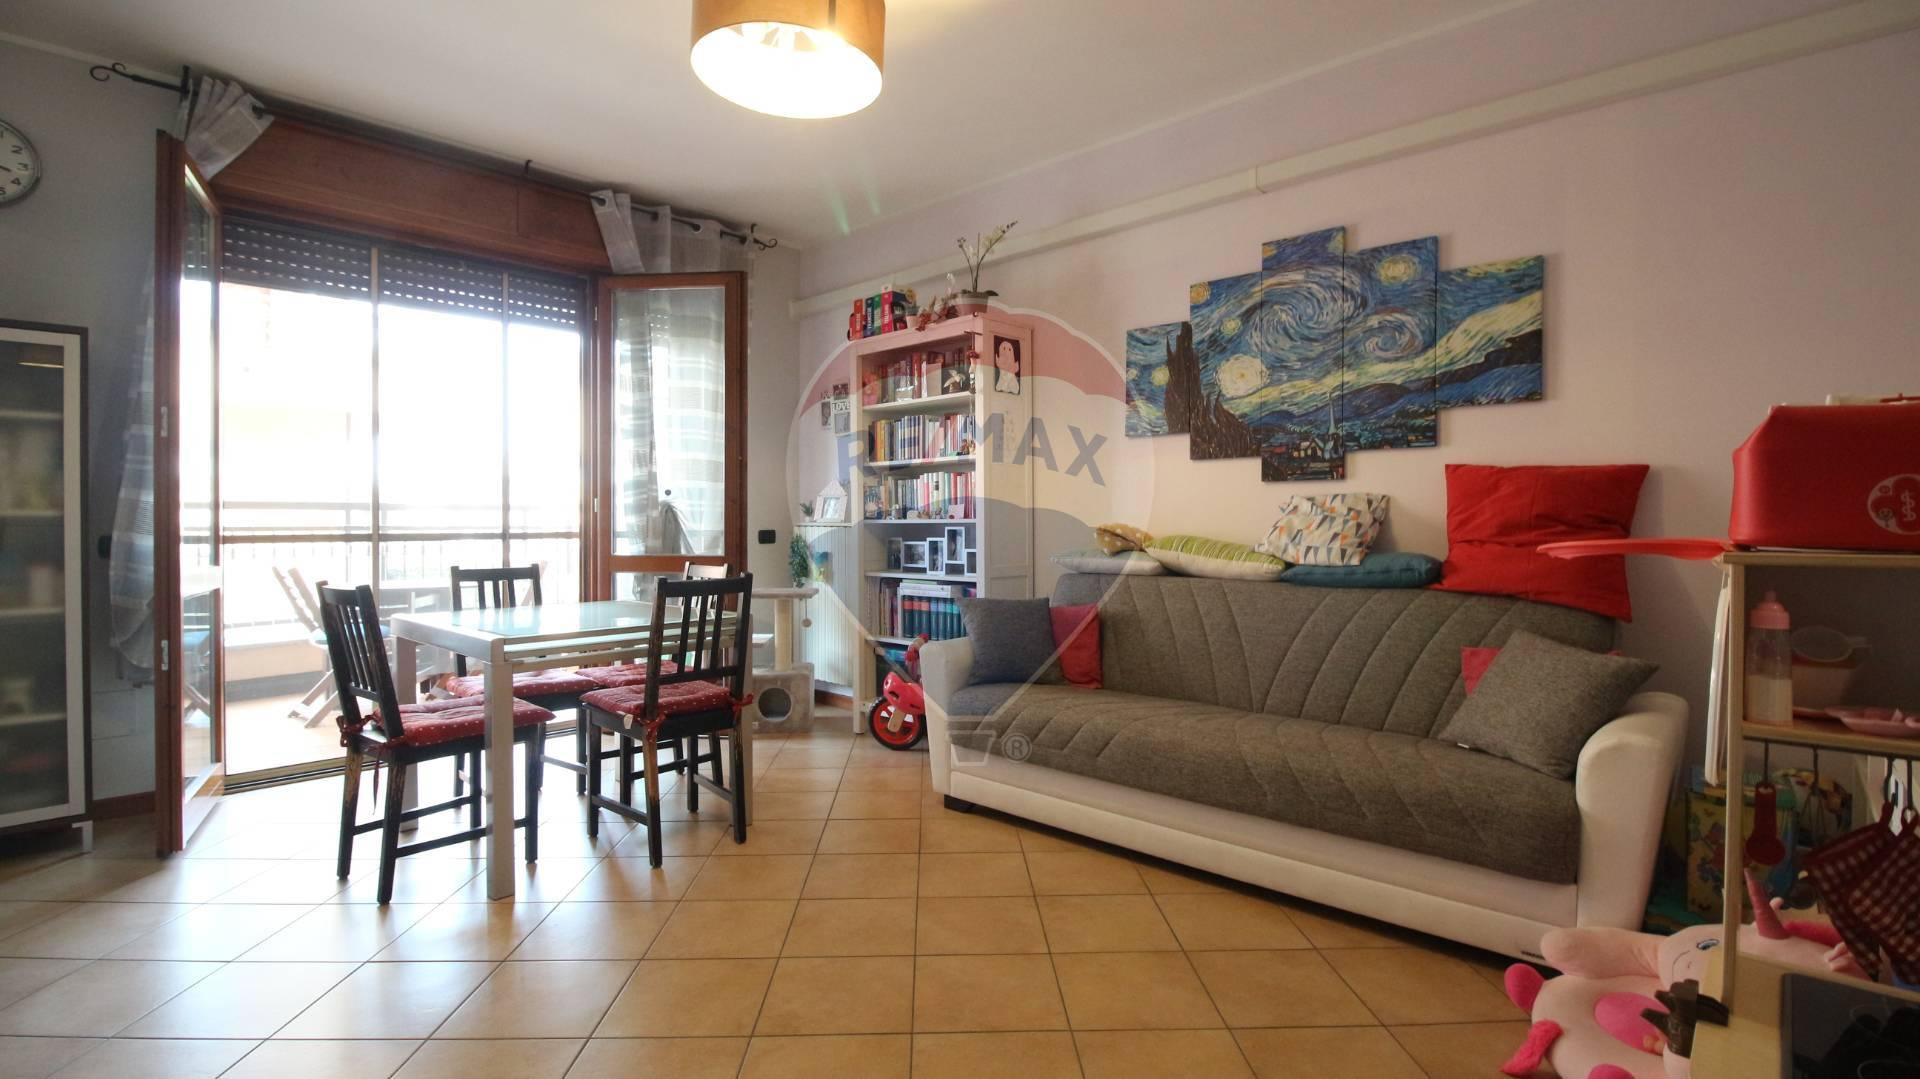 Appartamento in vendita a Tribiano, 2 locali, prezzo € 123.000 | CambioCasa.it